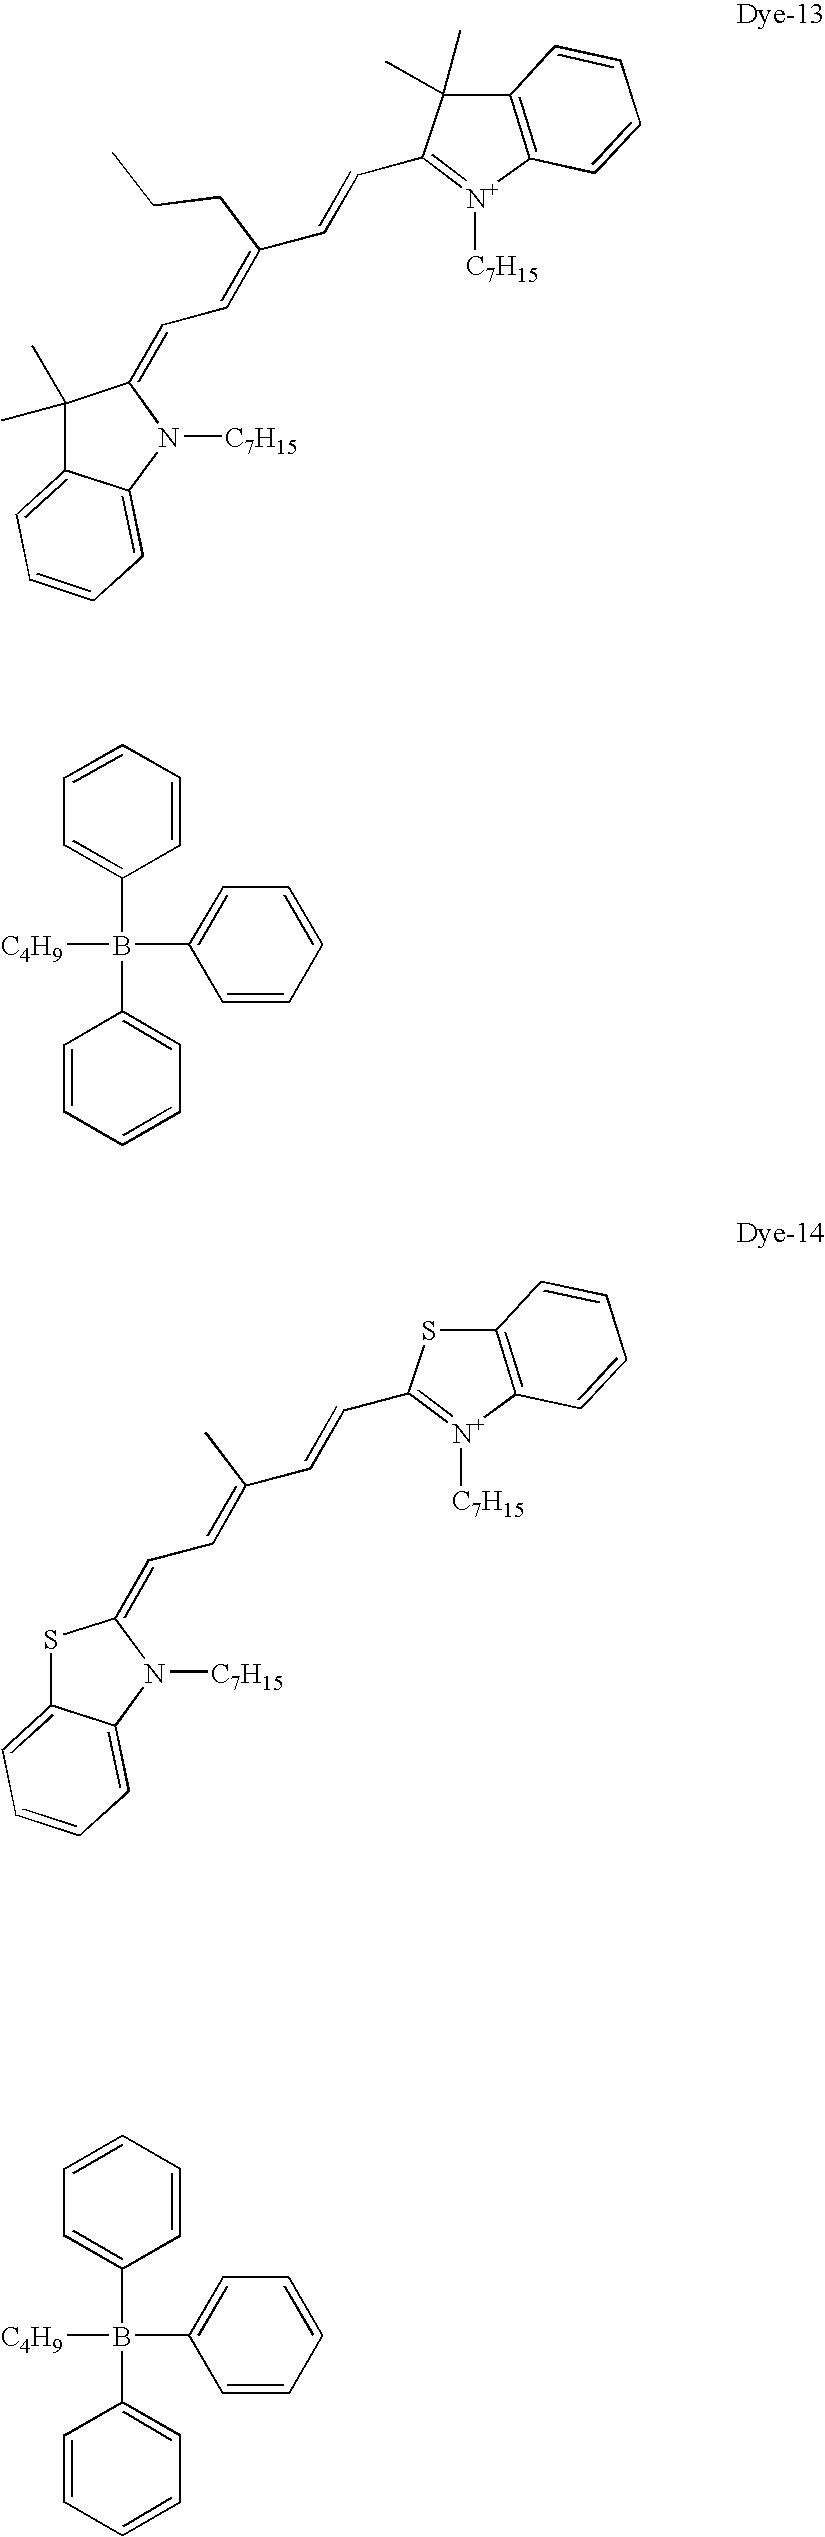 Figure US20050084790A1-20050421-C00007